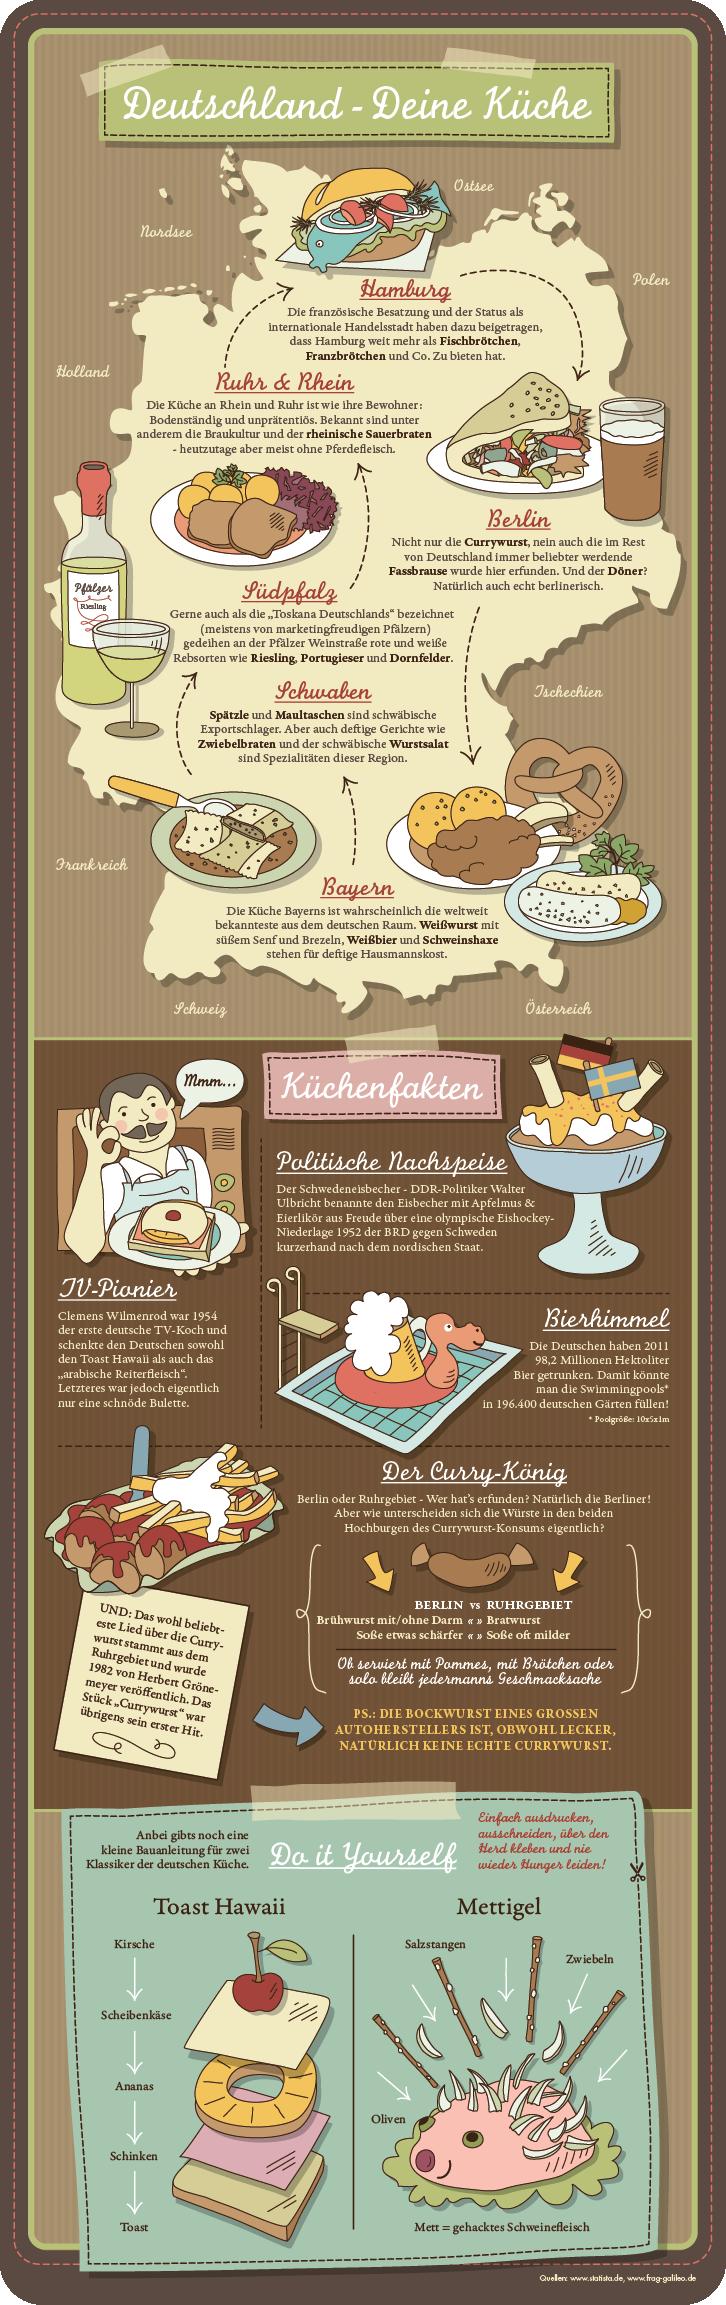 Infografik Deutsche Küche